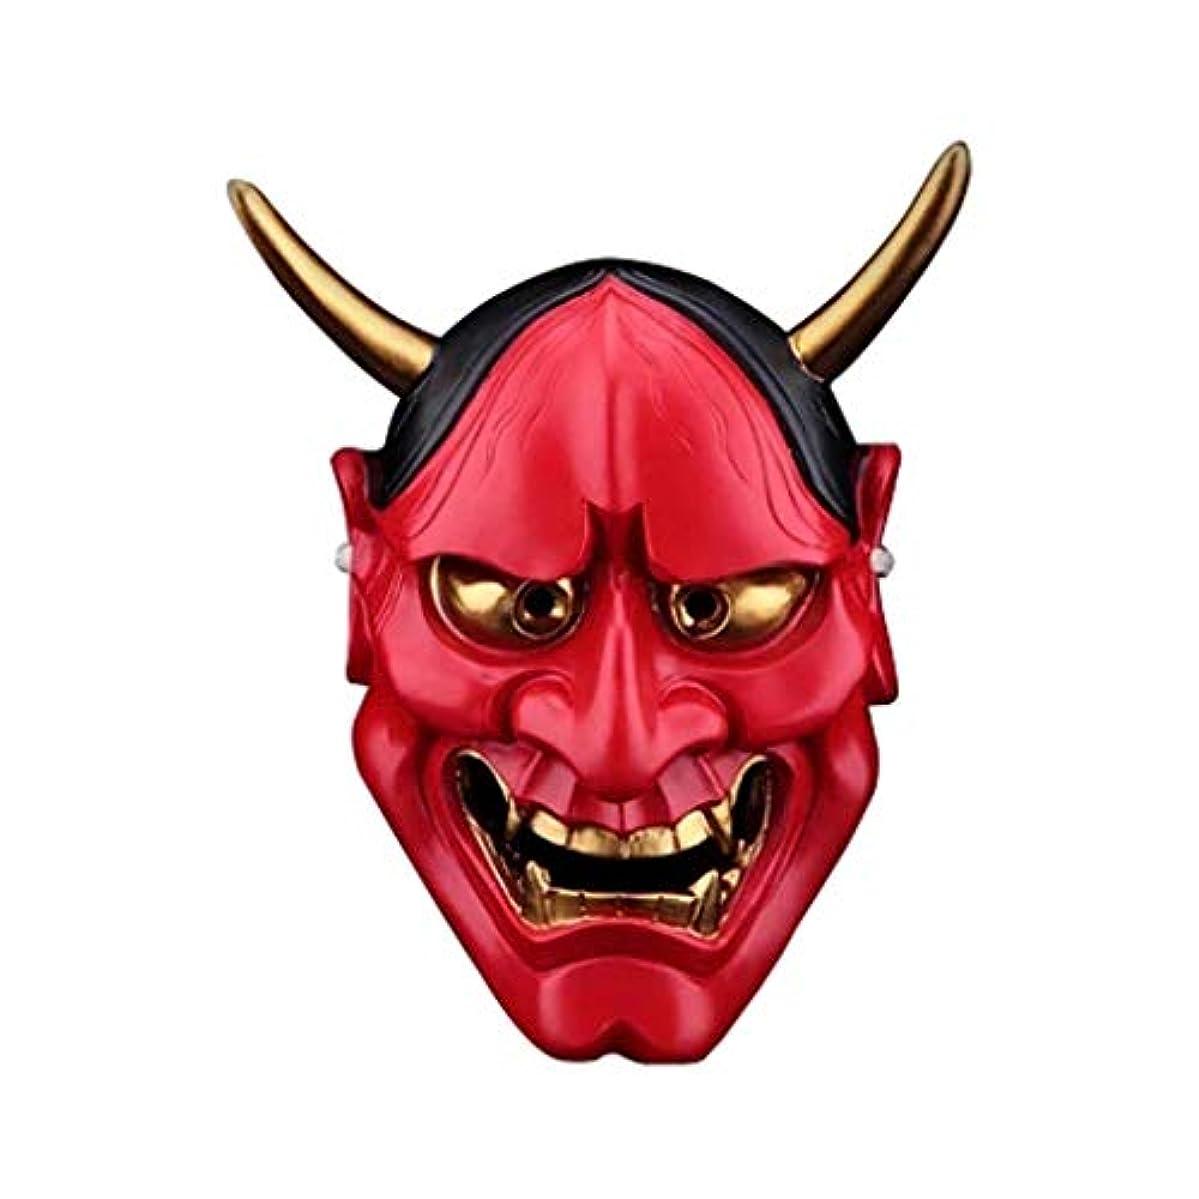 持参ゆりコカインハロウィンホラーマスク、成人用樹脂マスクデコレーション (Color : SILVER)